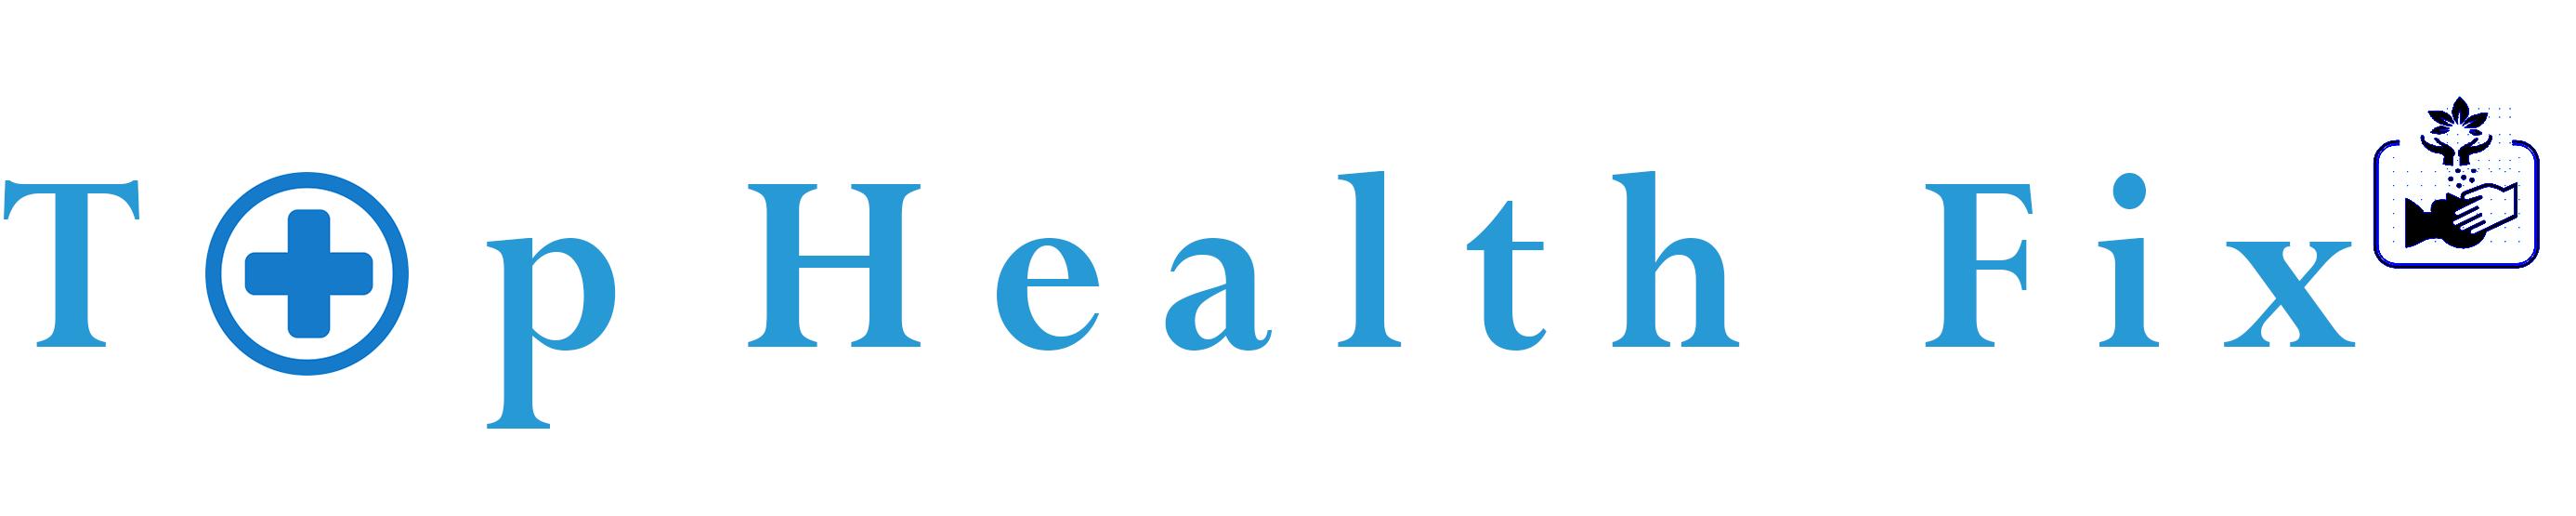 Top Health Fix